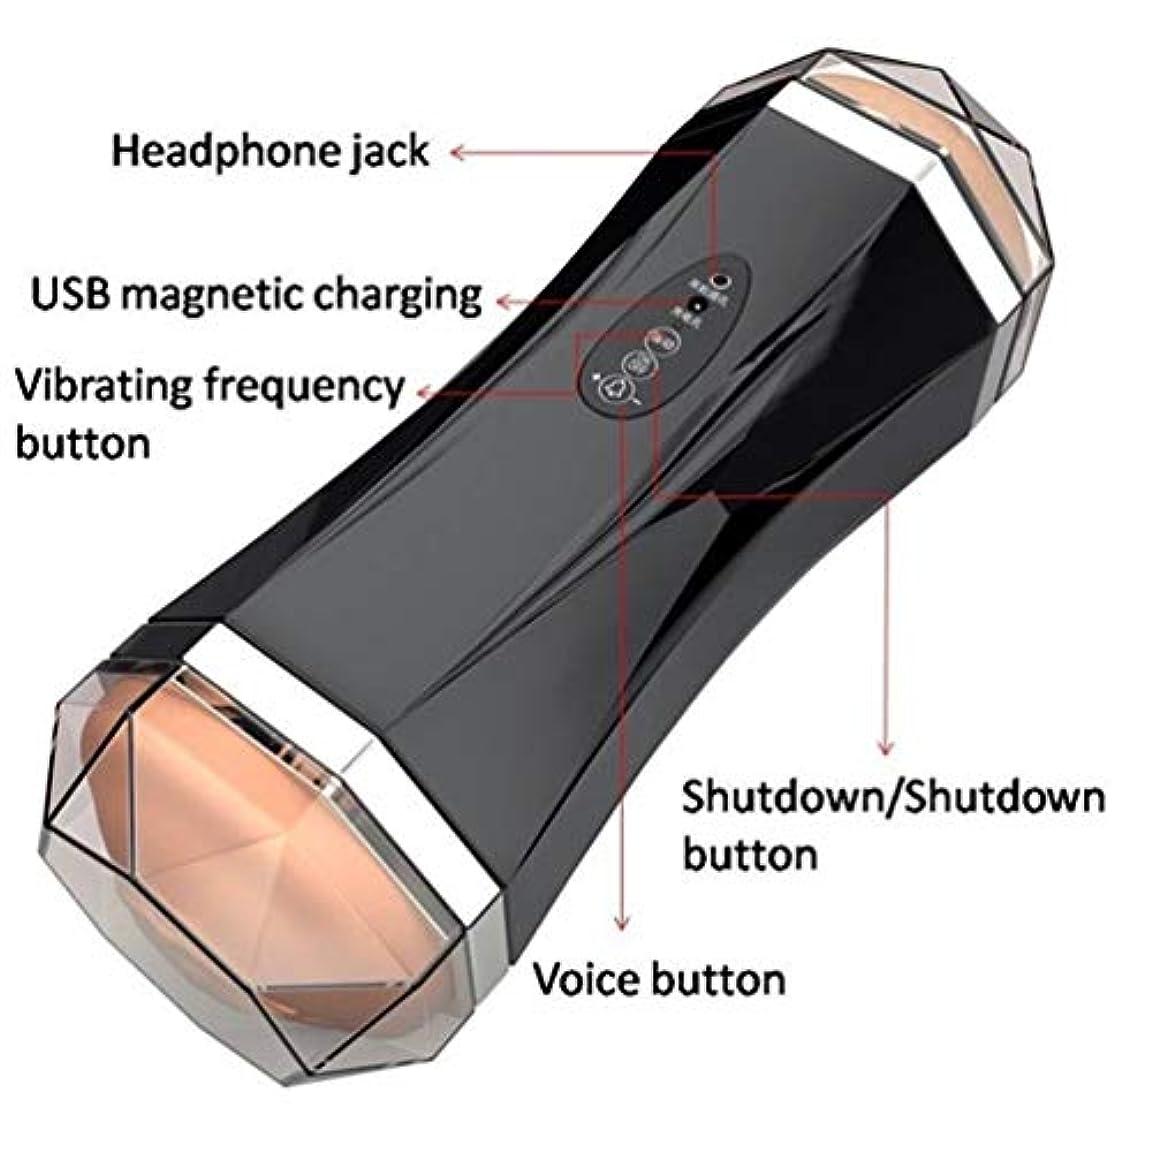 鑑定コンパクト朝の体操をするWoouu USBフラッシュ充電自動吸い込み、ディープスロートの経験ダブルチャンネルマルチバイブレーション周波数